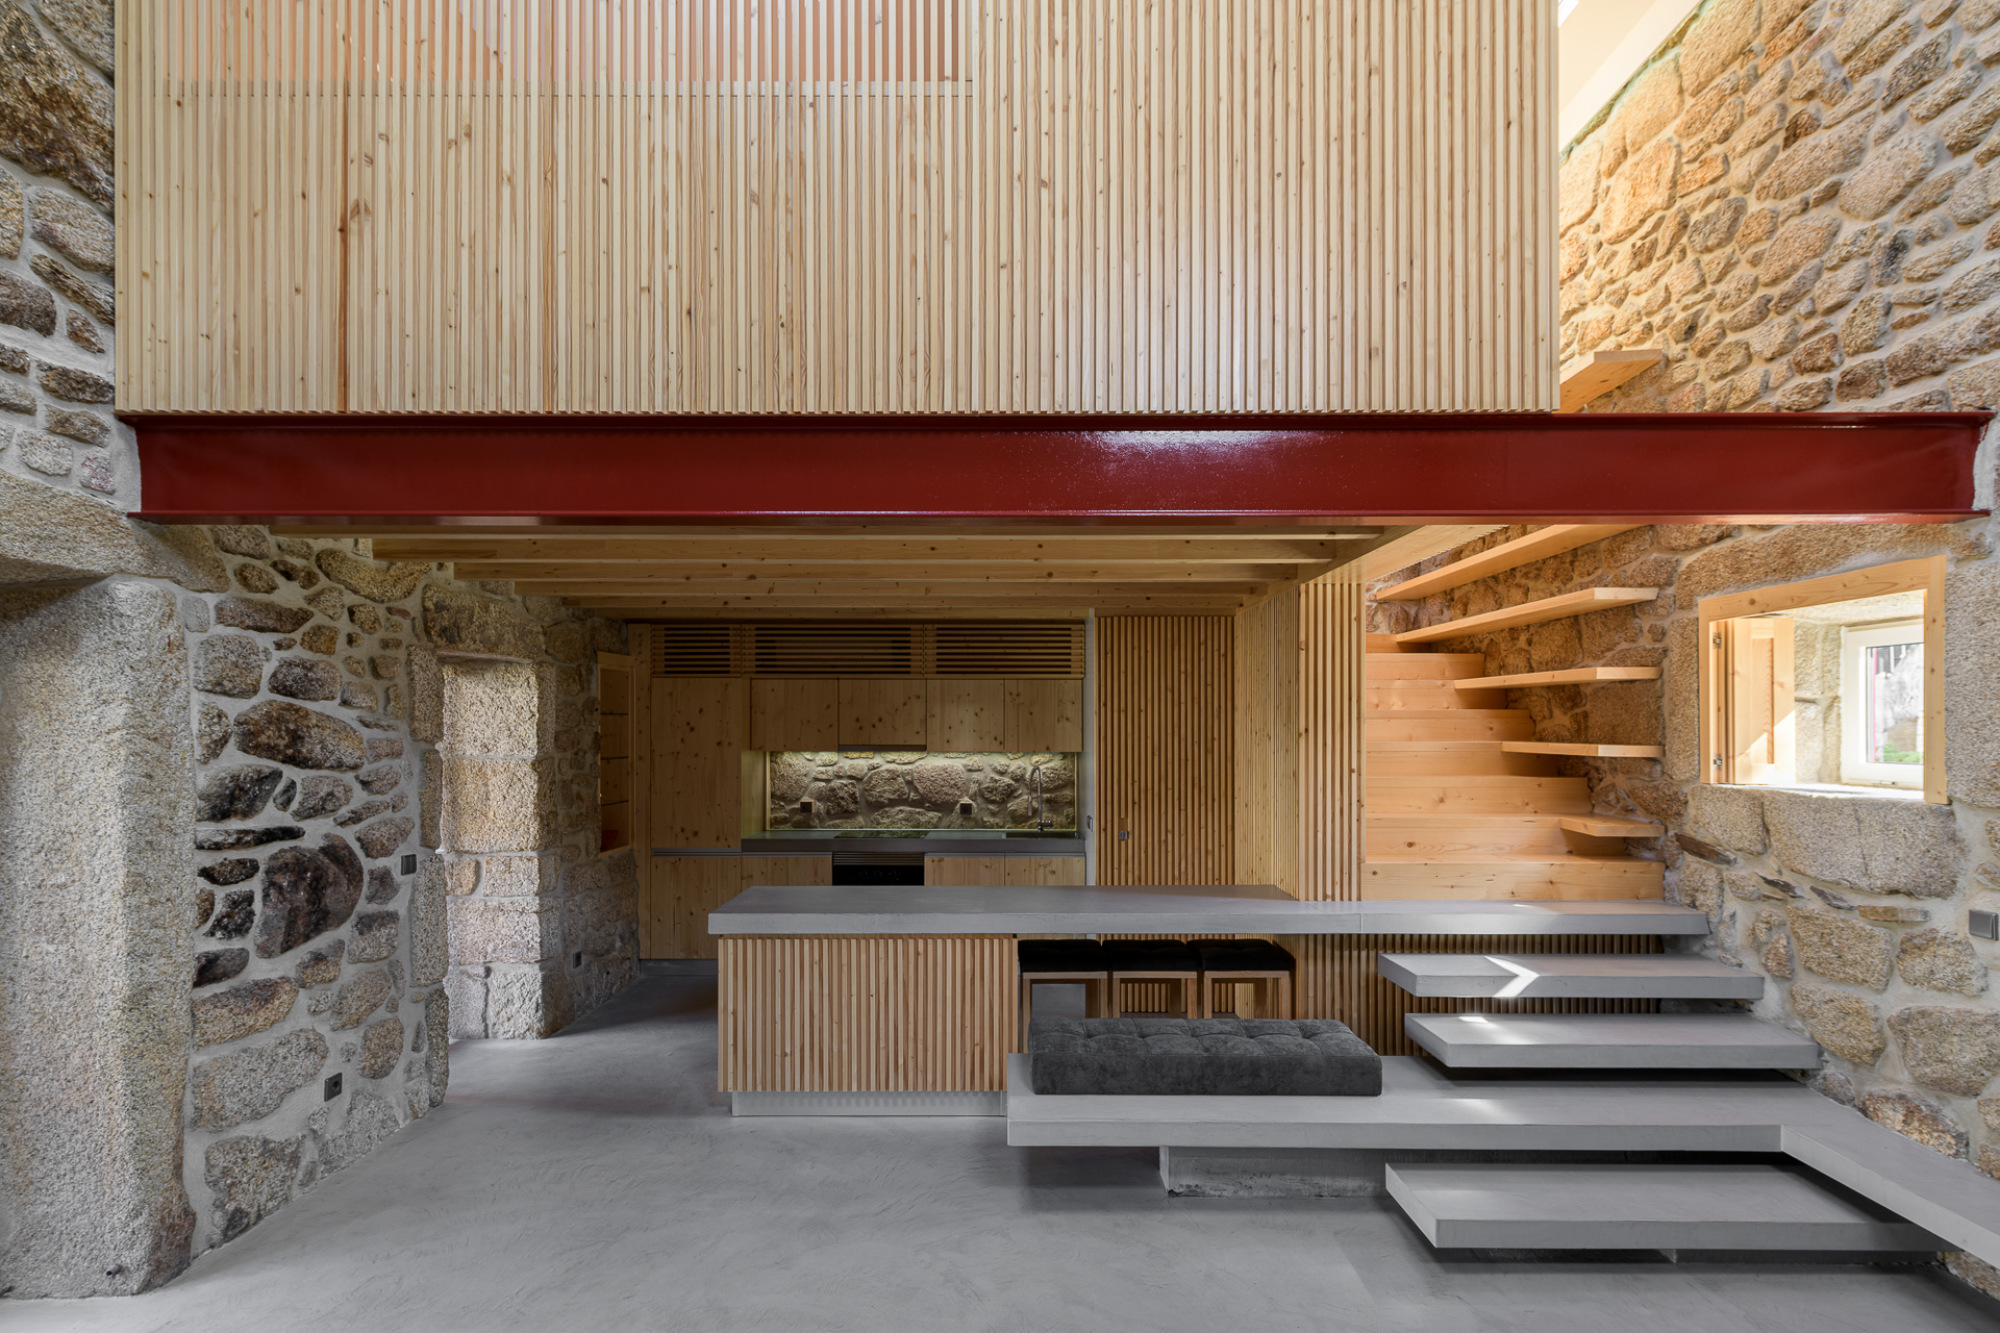 HBG Architectos renovierten ein altes Dorfhaus.